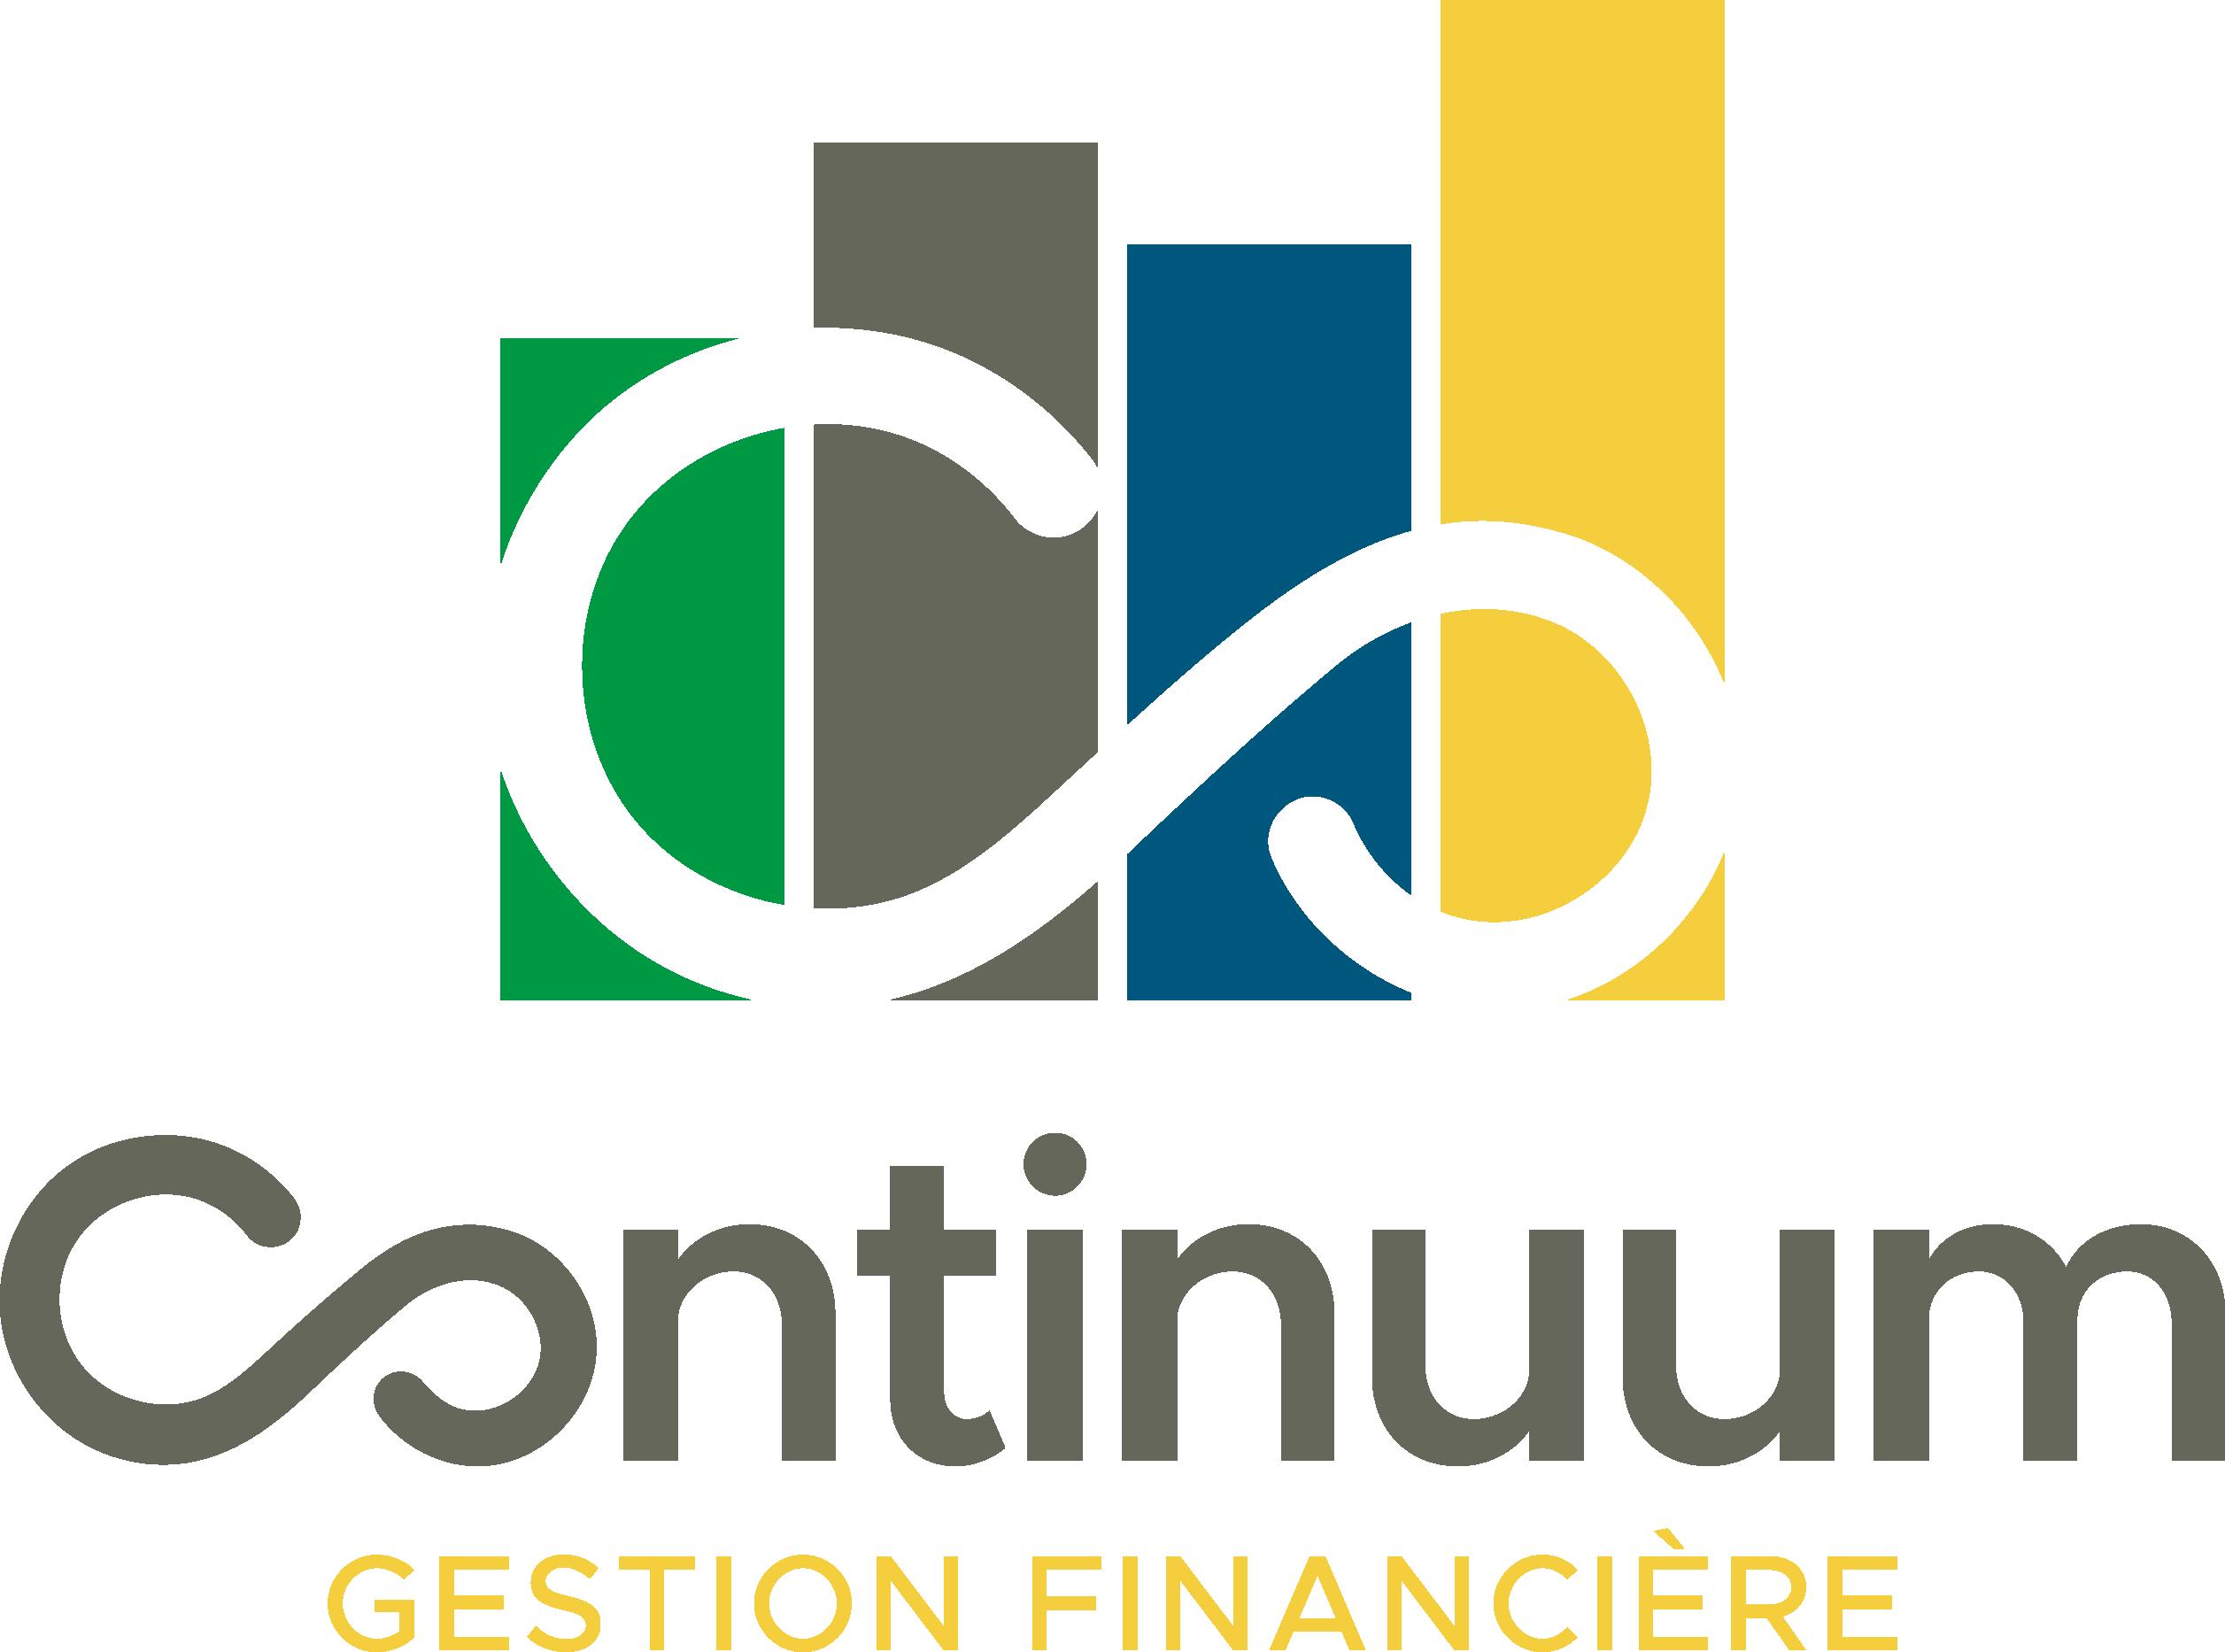 Créez mon image de marque en services financiers - Create my brand in financial services